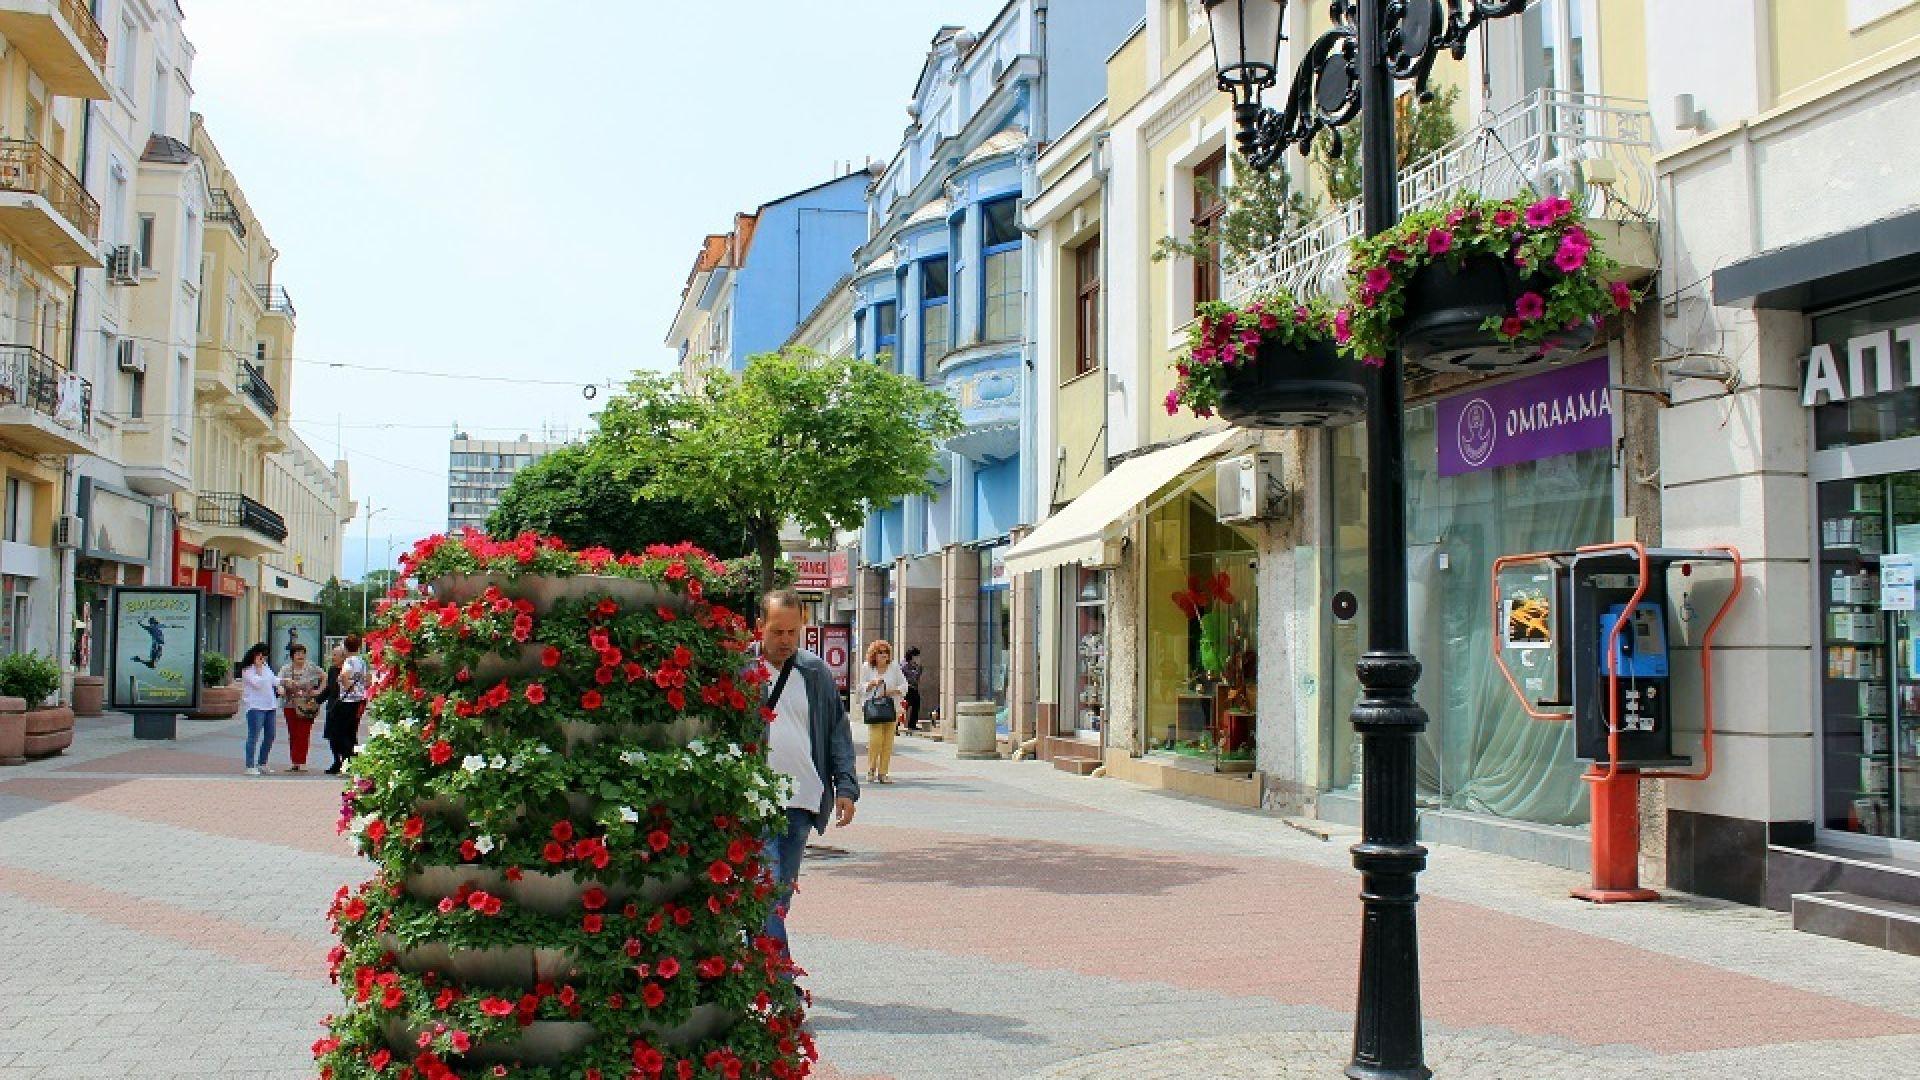 Започва обществено обсъждане на проекта за нов устройствен план на Пловдив